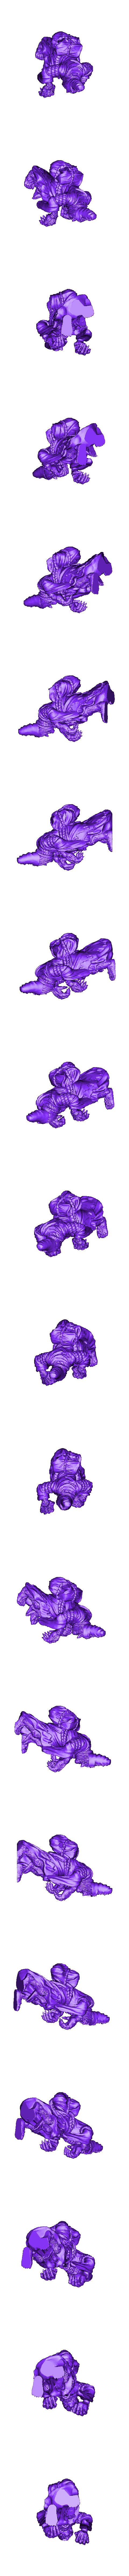 Crone3.stl Télécharger fichier STL gratuit Witcher 3 Crone 3 • Modèle à imprimer en 3D, DarkRealms